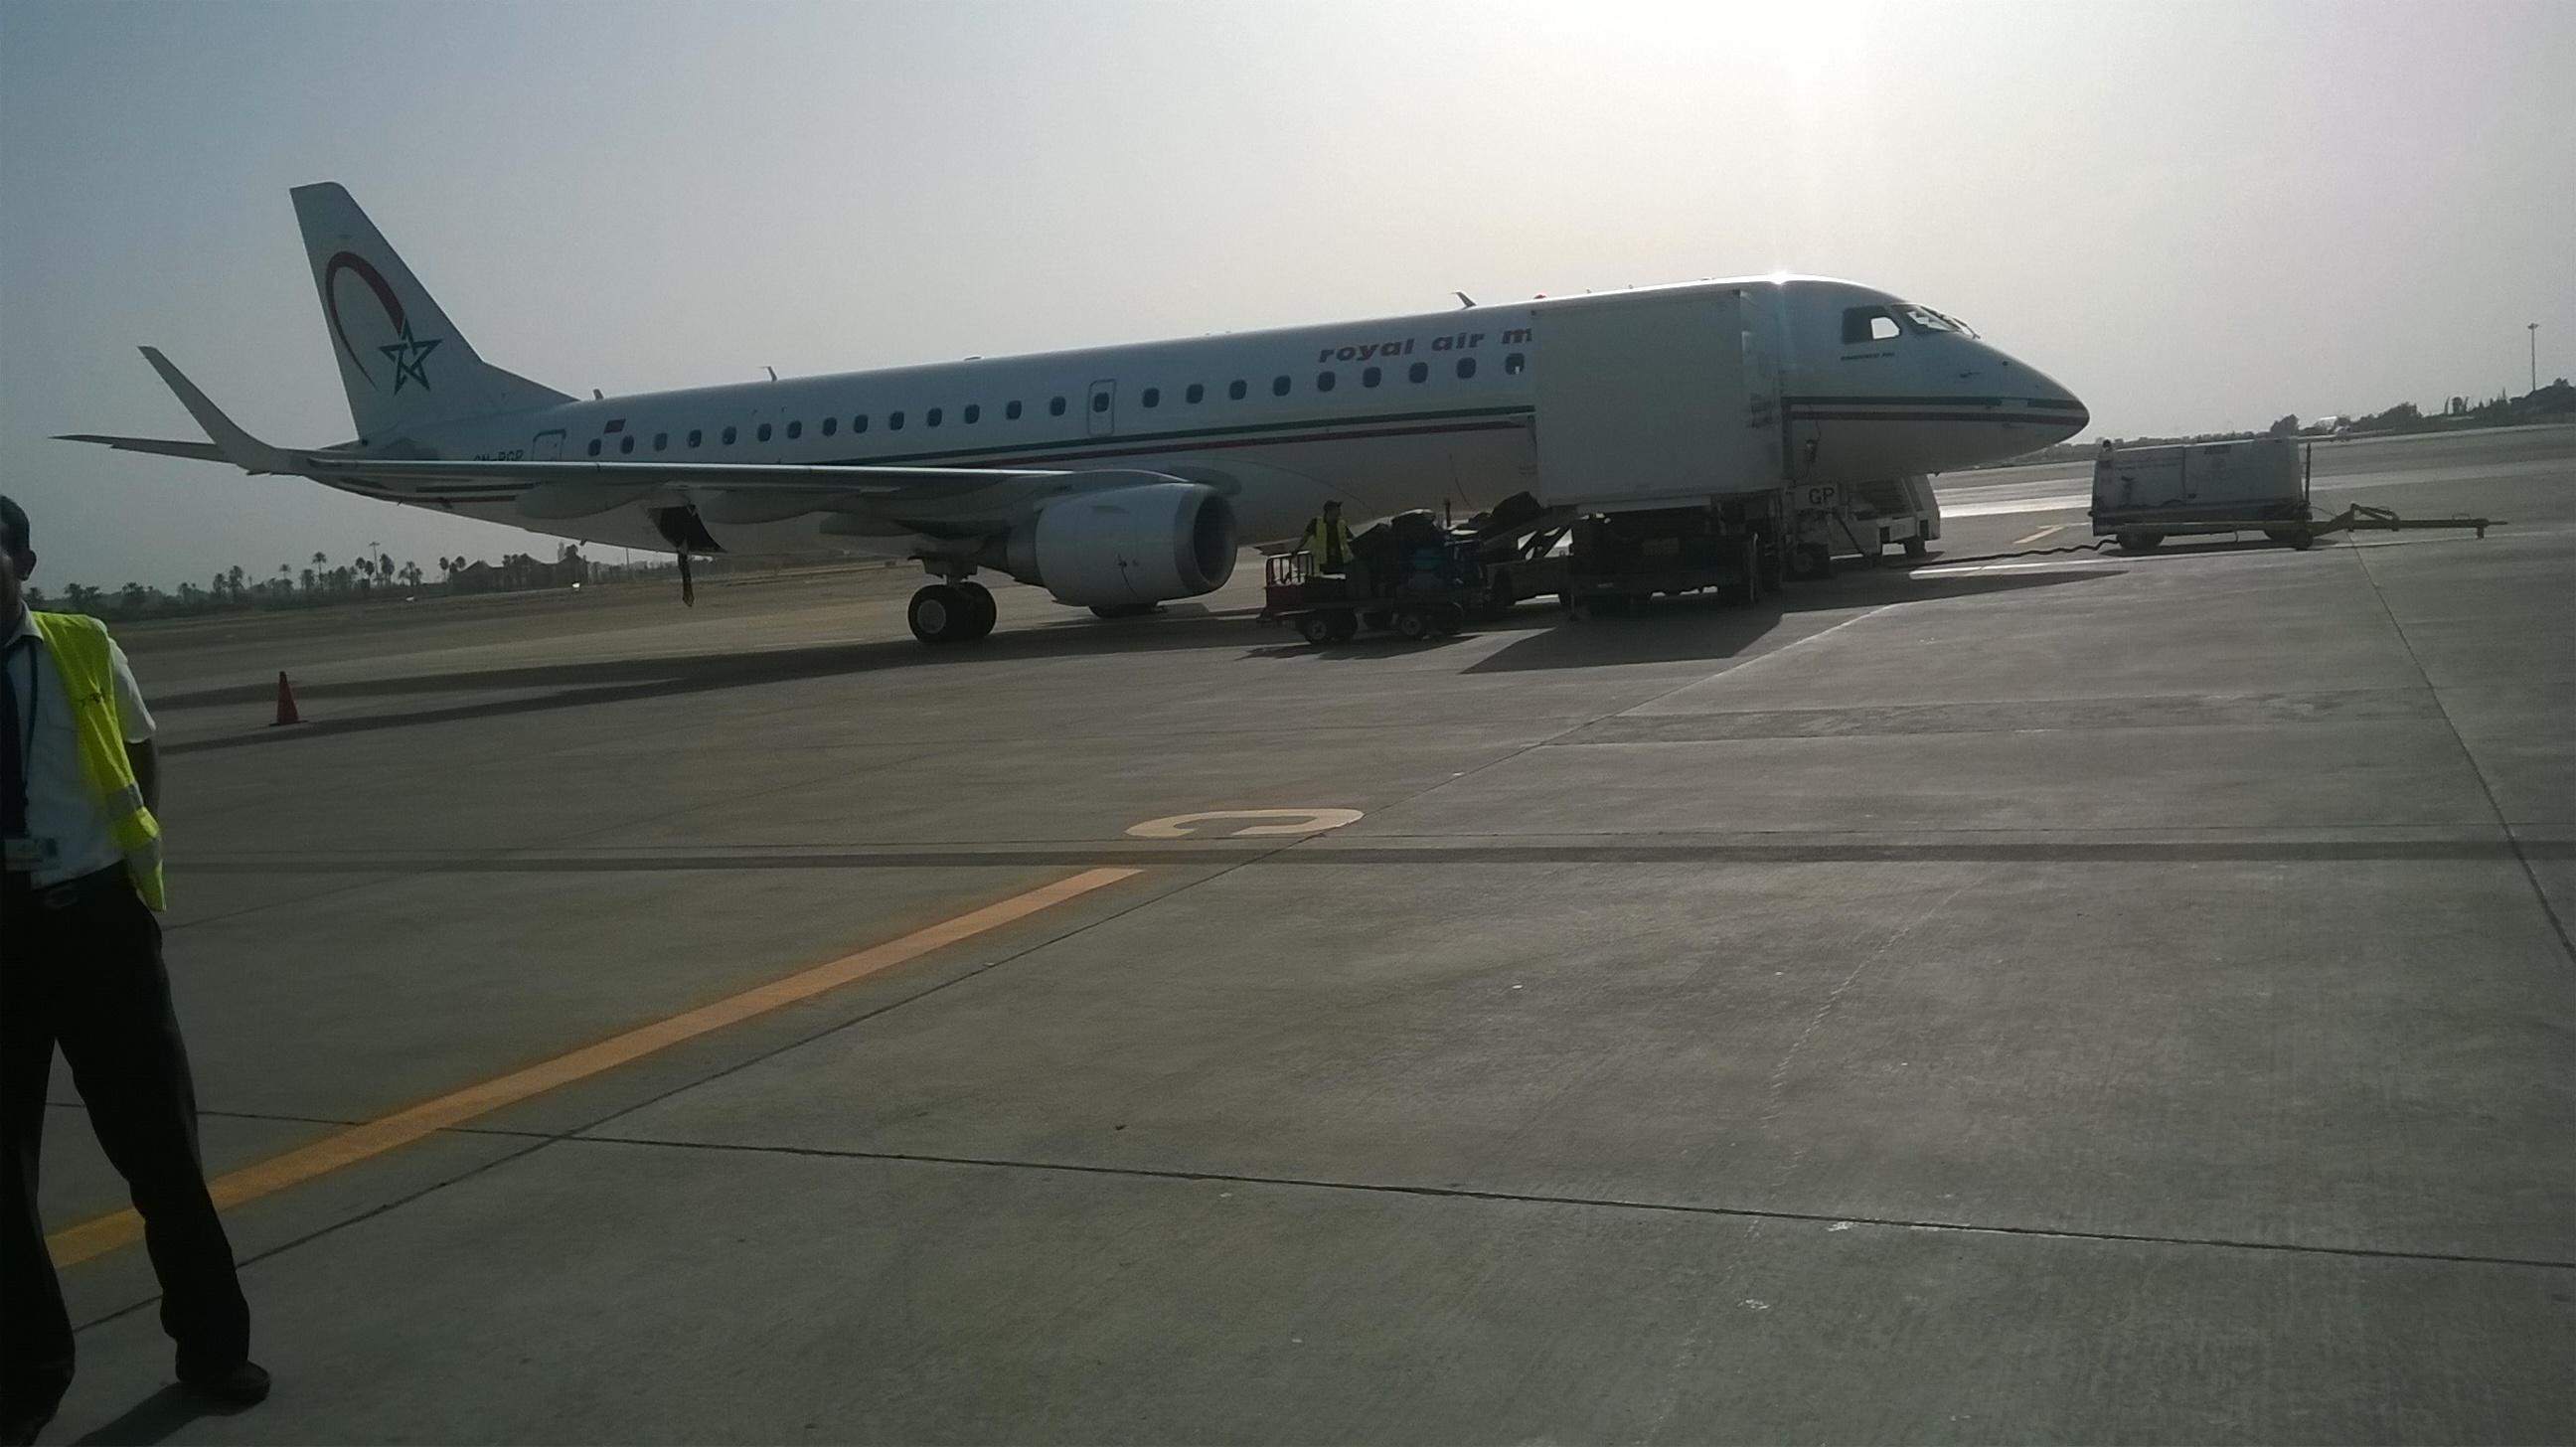 Royal Air Maroc - Page 17 328126WP20150729091228Pro